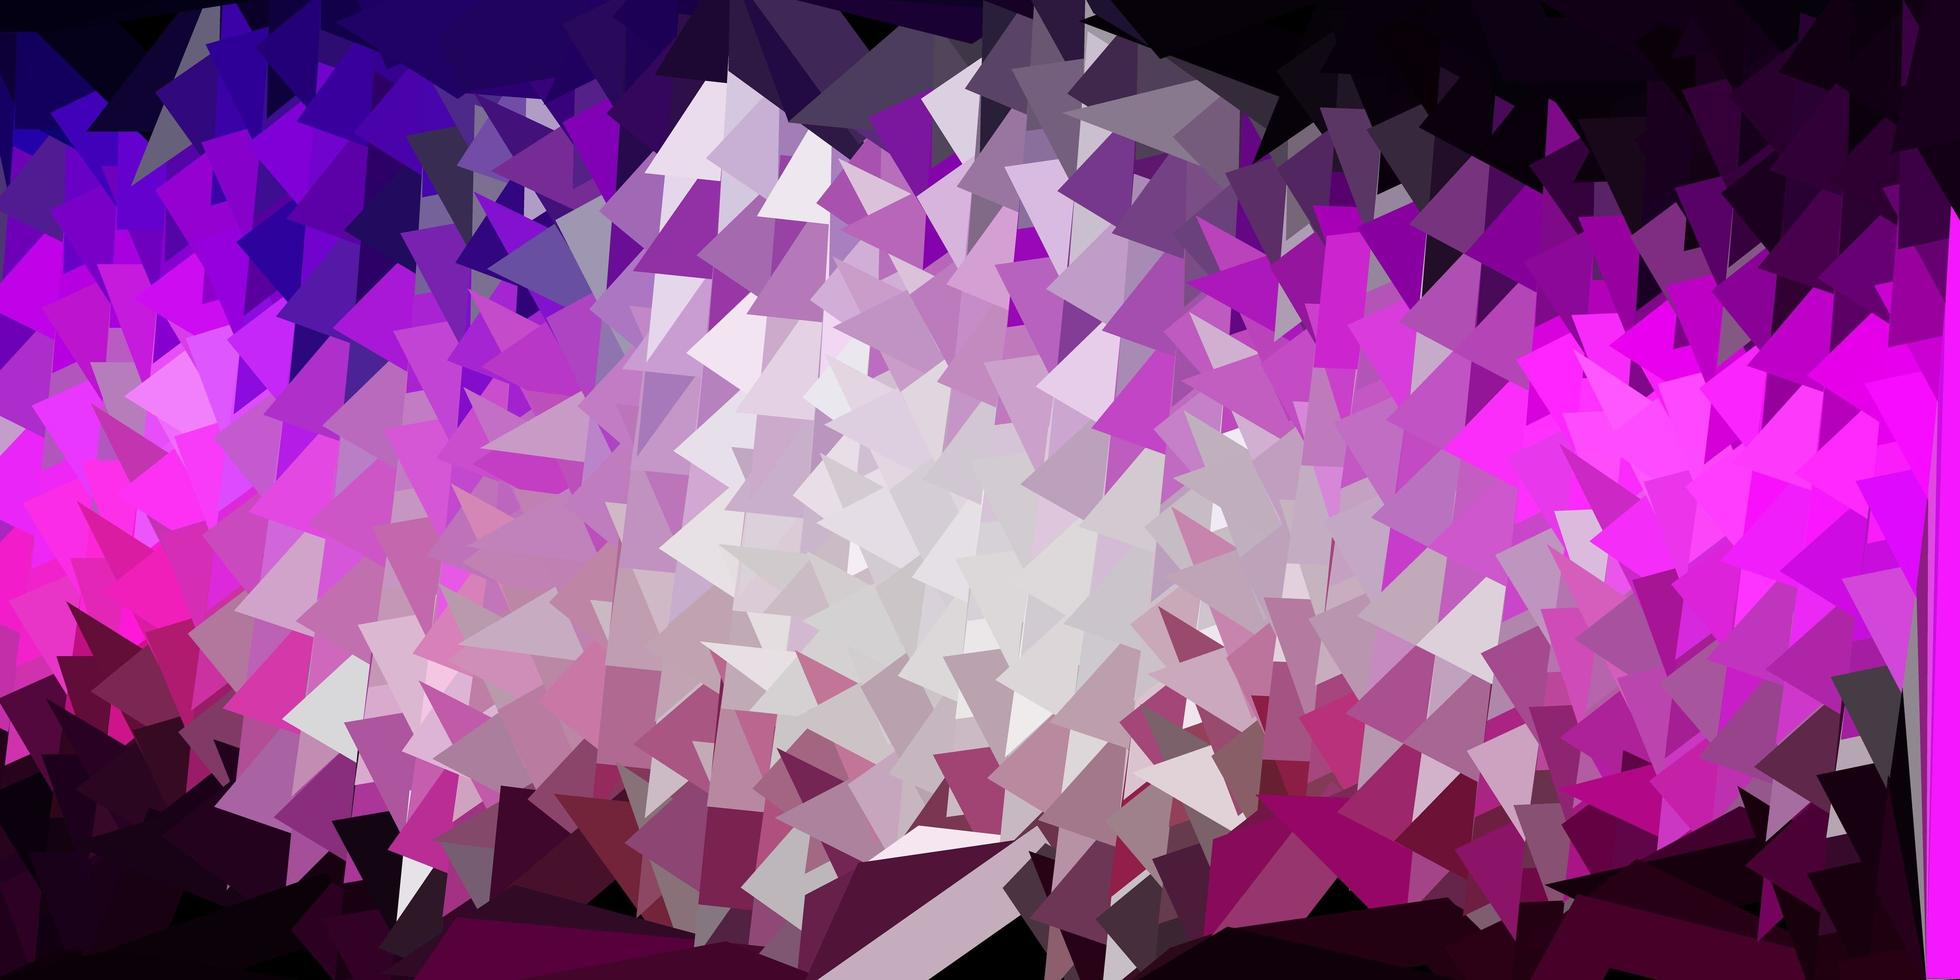 papel de parede de mosaico de triângulo de vetor roxo escuro, rosa